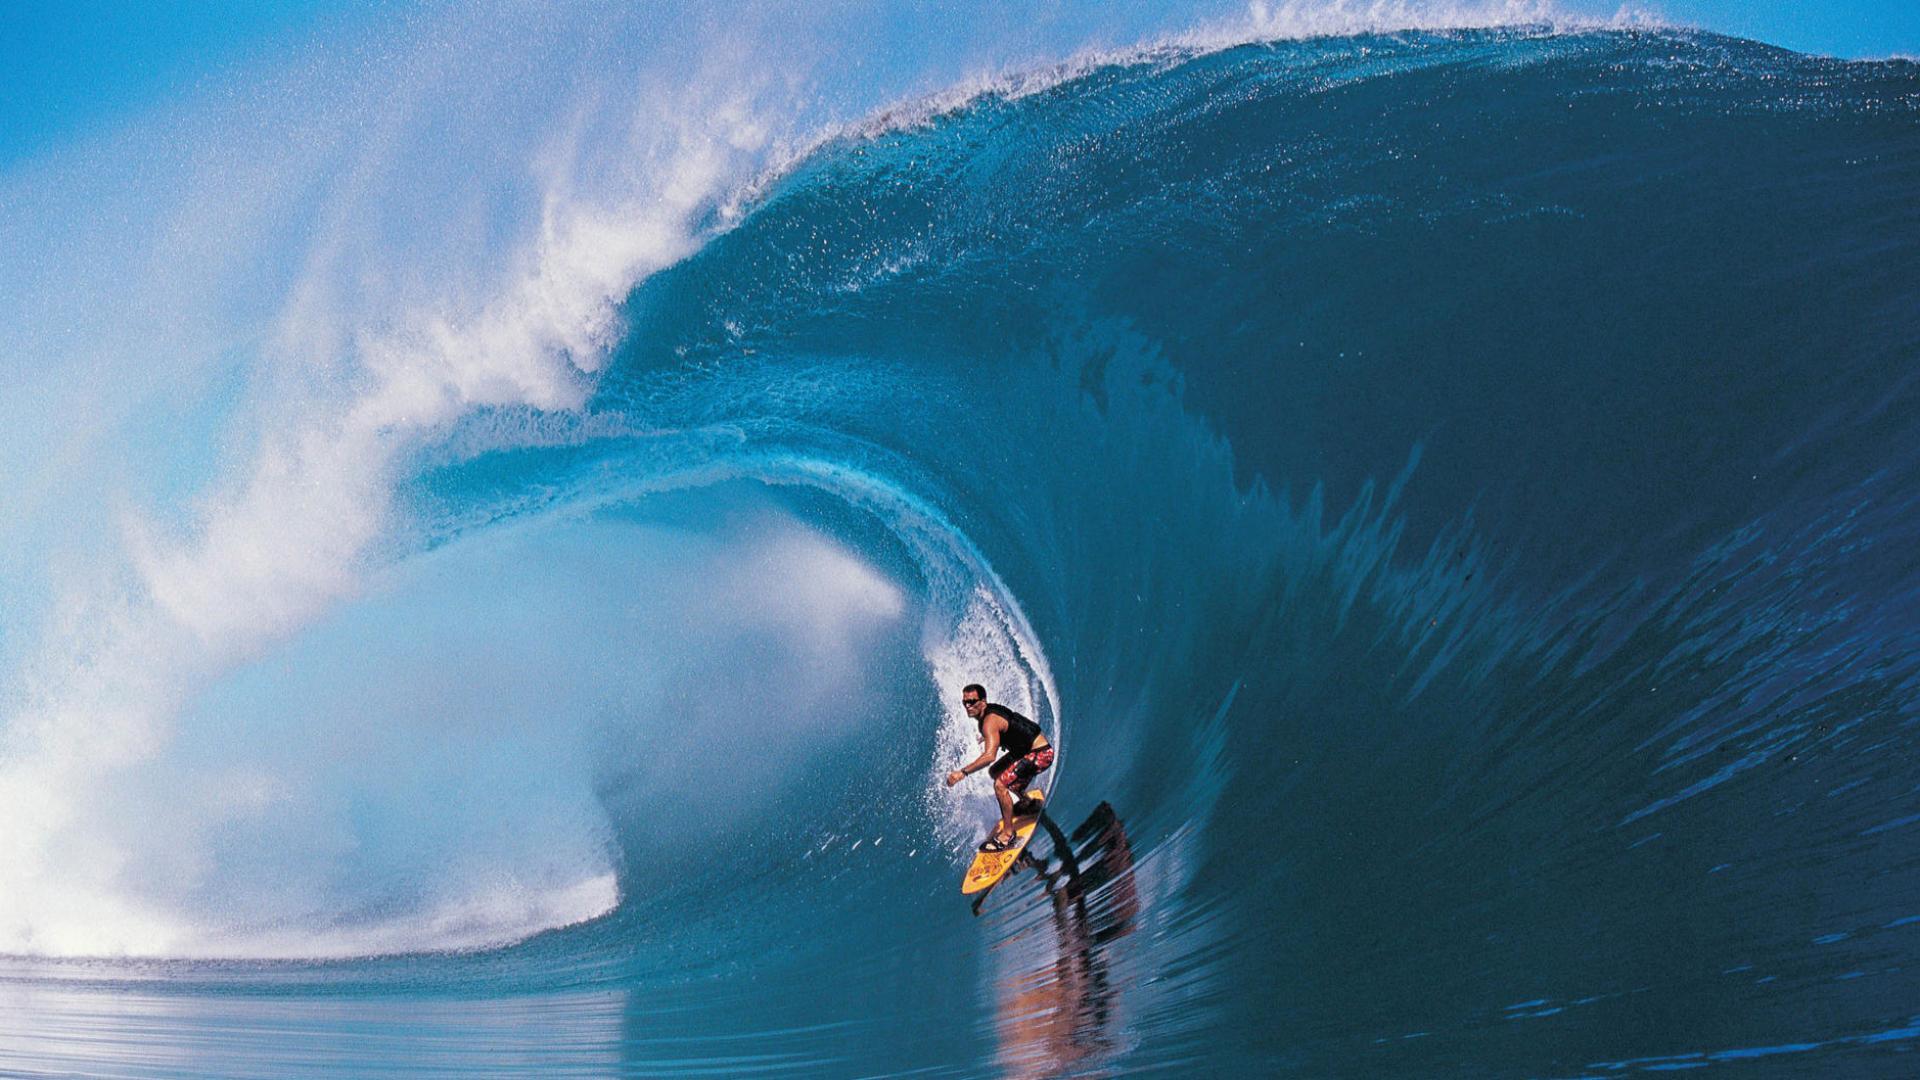 Серфингист спорта для спортсменов и